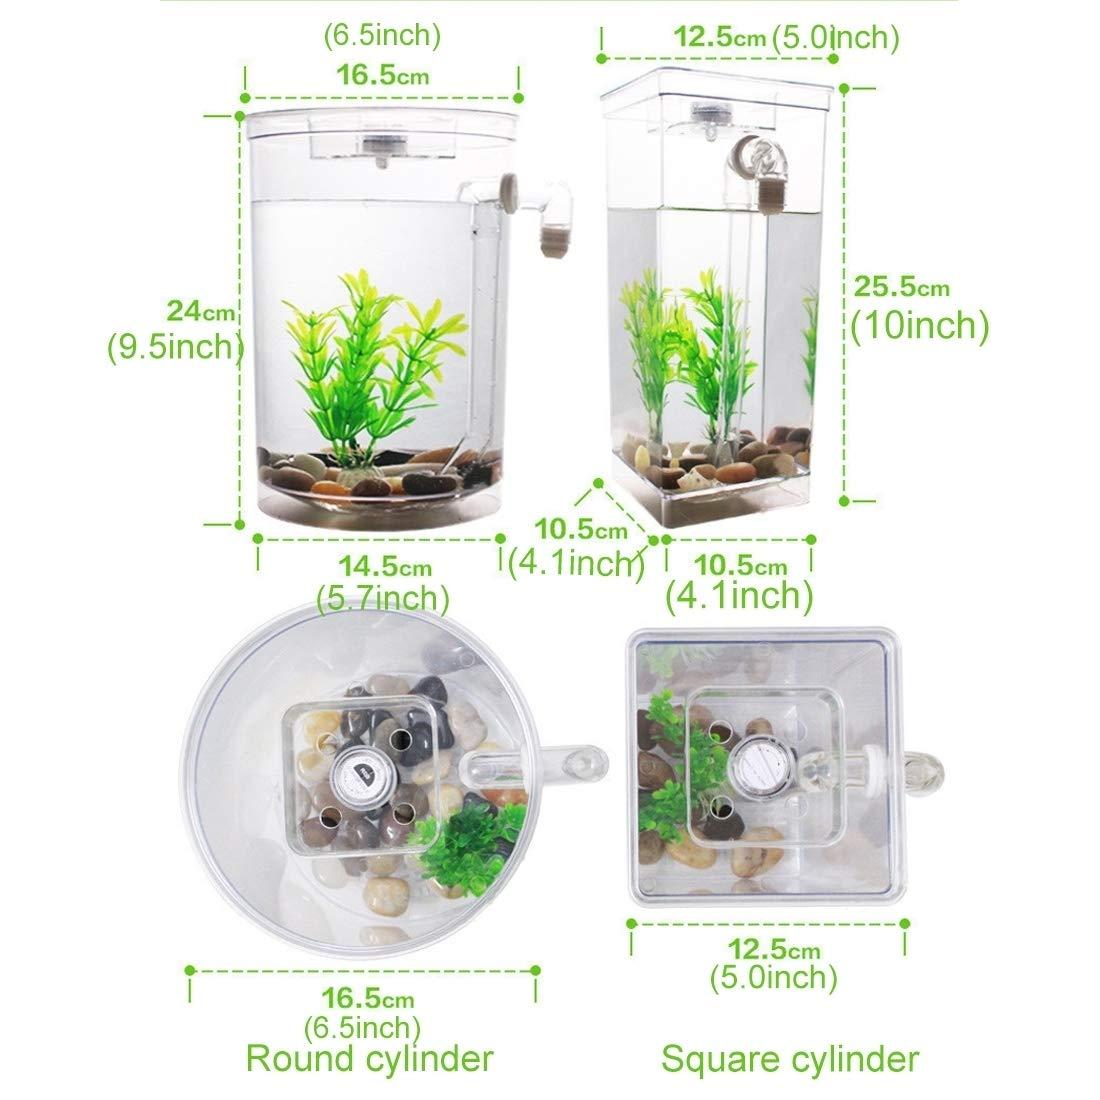 Casa perfecta Recipiente de plástico Creativo Ecológico de escritorio Mini acuario de oro Recipiente para peces, tanque de agua perezoso con adoquines, ...